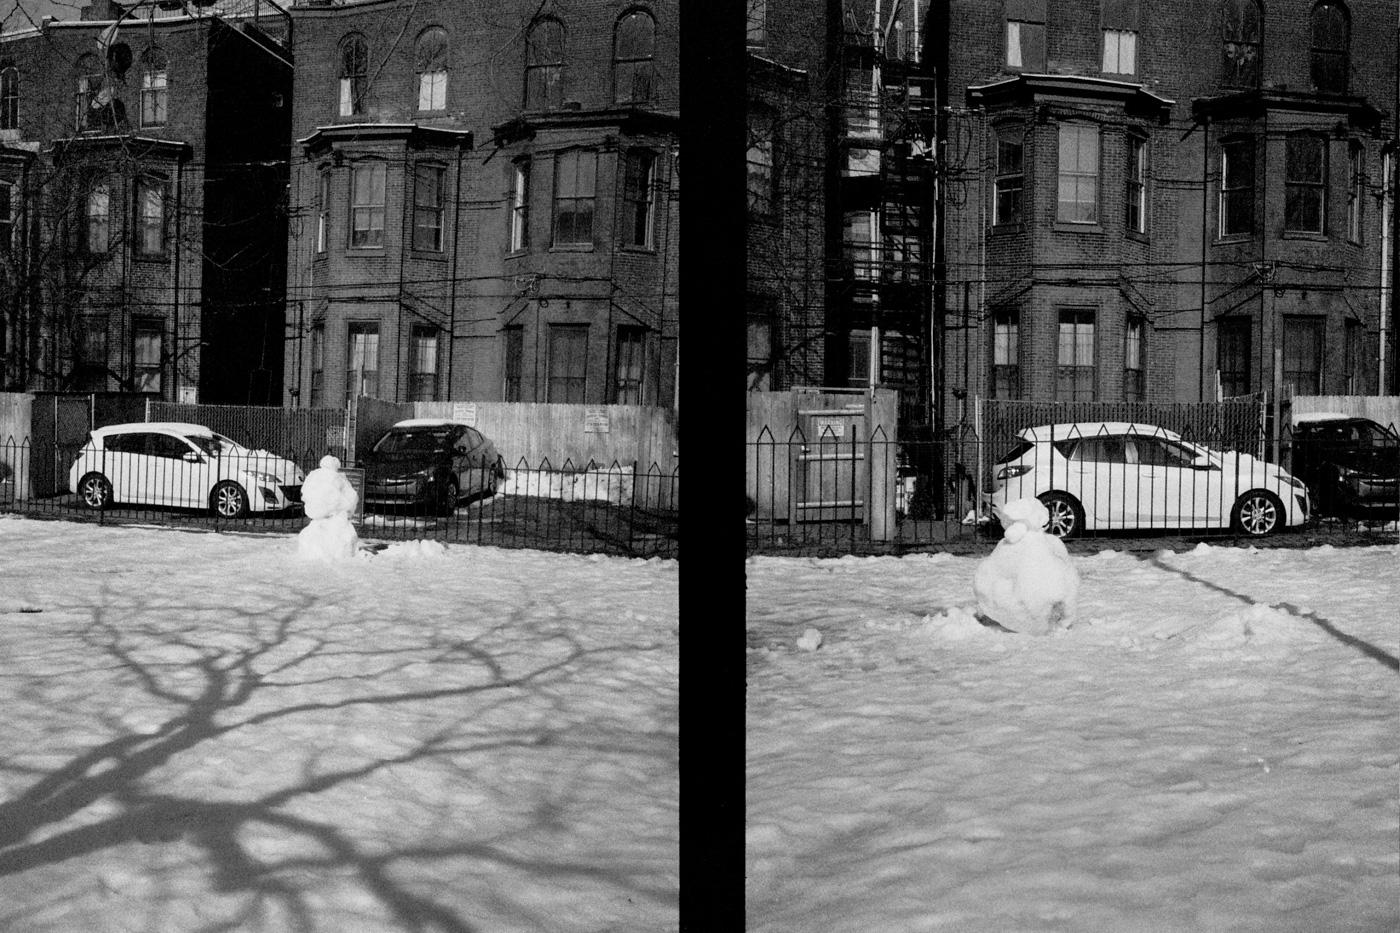 Melting Snowmen in Fitler Square